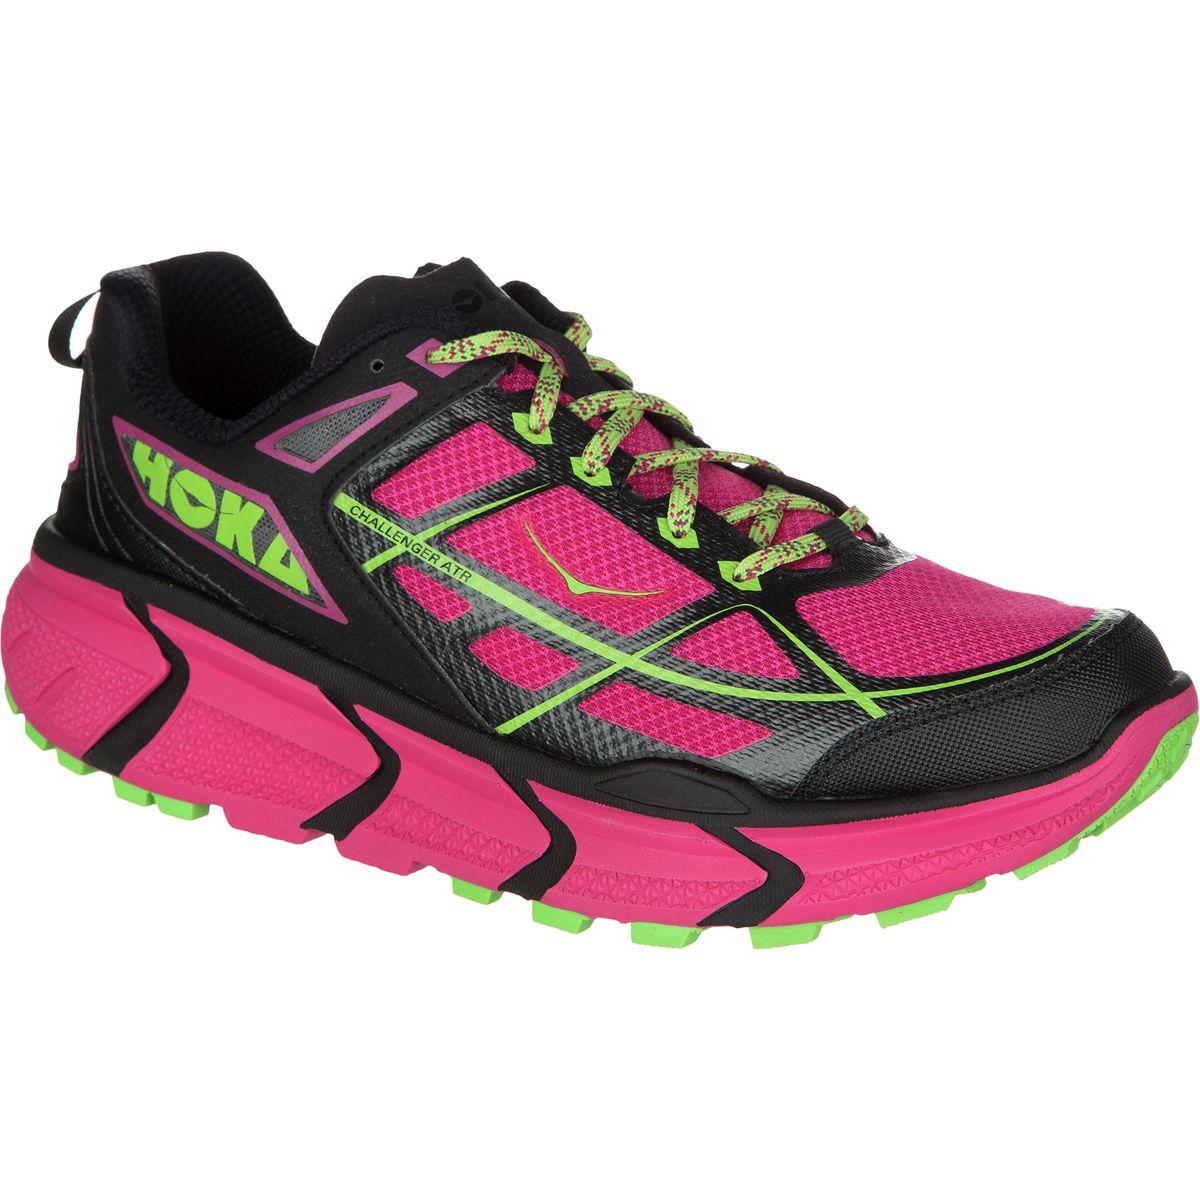 photo: Hoka Women's Challenger ATR trail running shoe